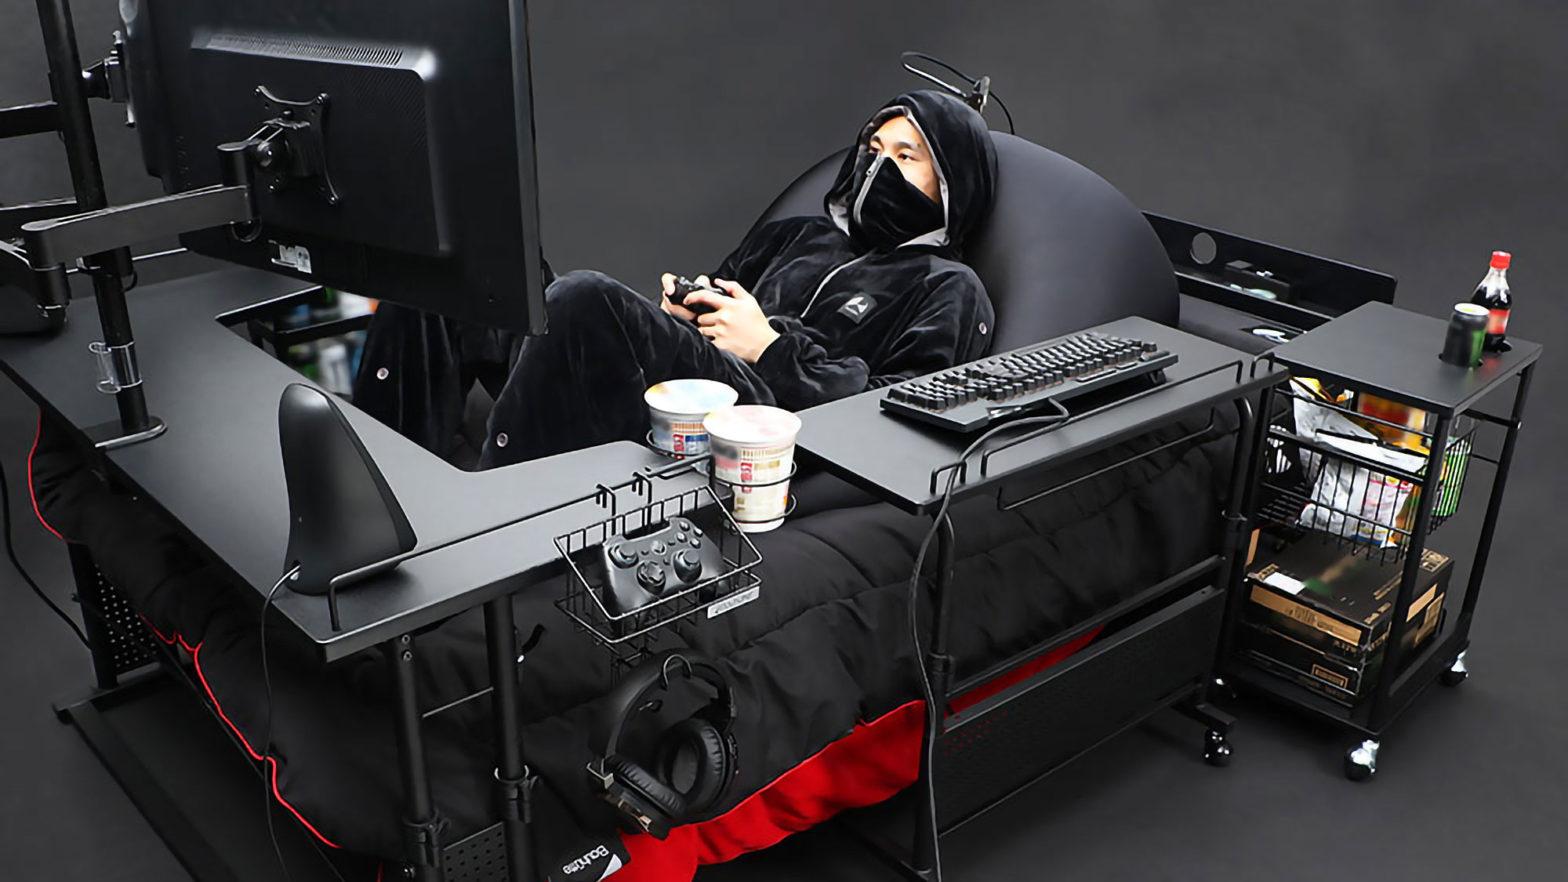 Bauhütte Gaming Bed Concept Setup